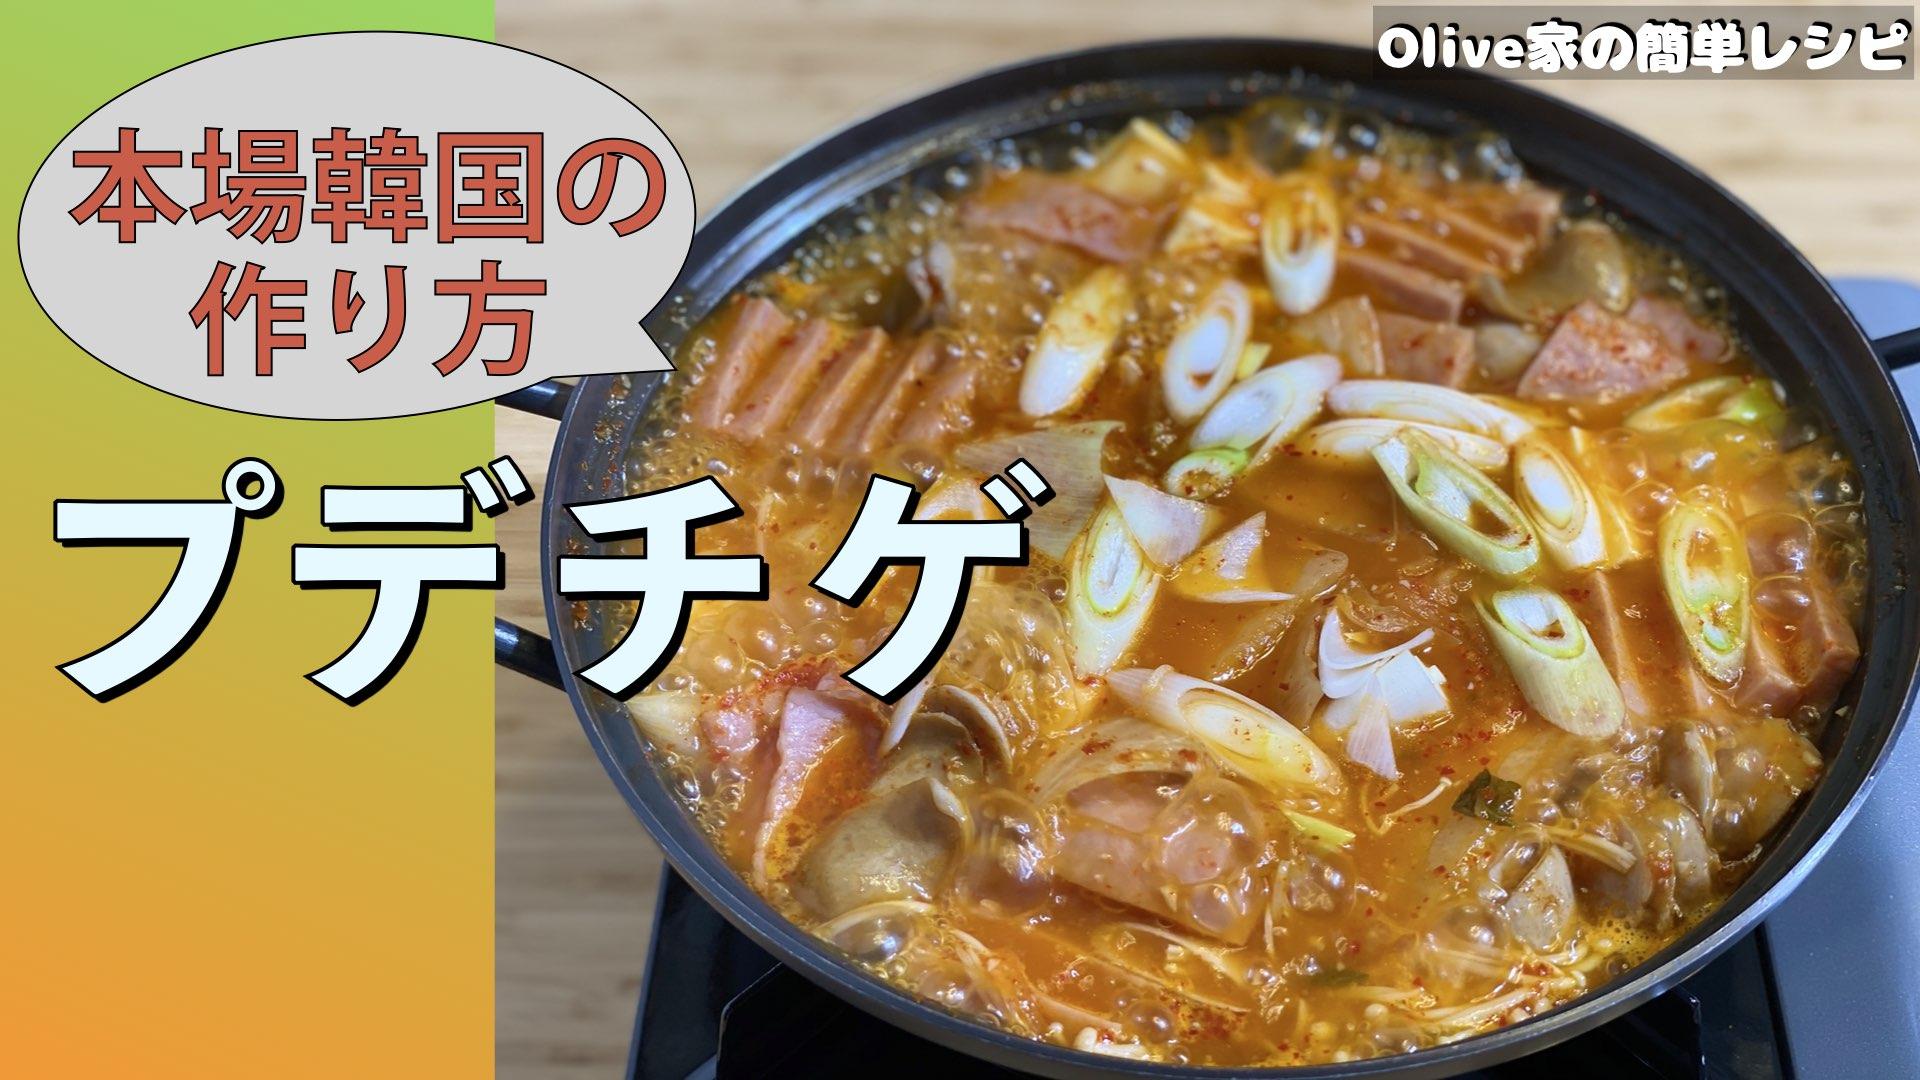 Olive家の簡単レシピ | 調味料不要!! 美味しさの秘訣はだし!! 本場韓国のプデチゲ